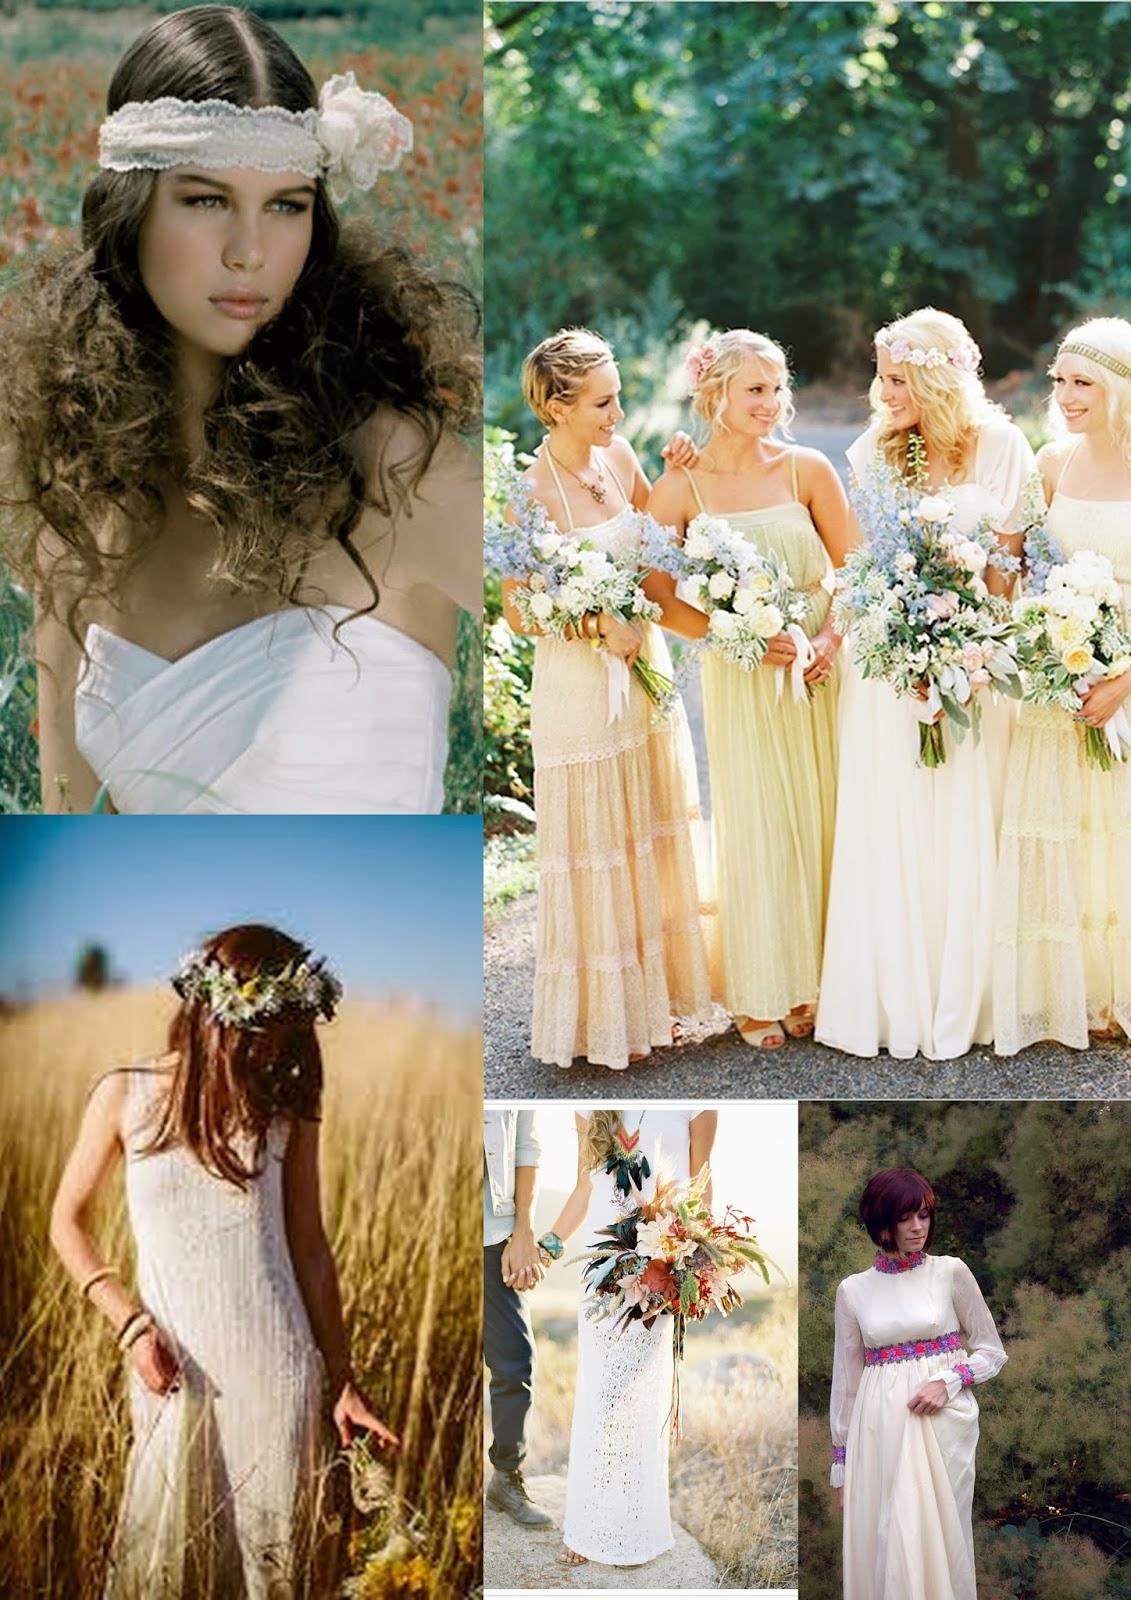 Auguri Matrimonio Hippie : Matrimonio hippy immagini